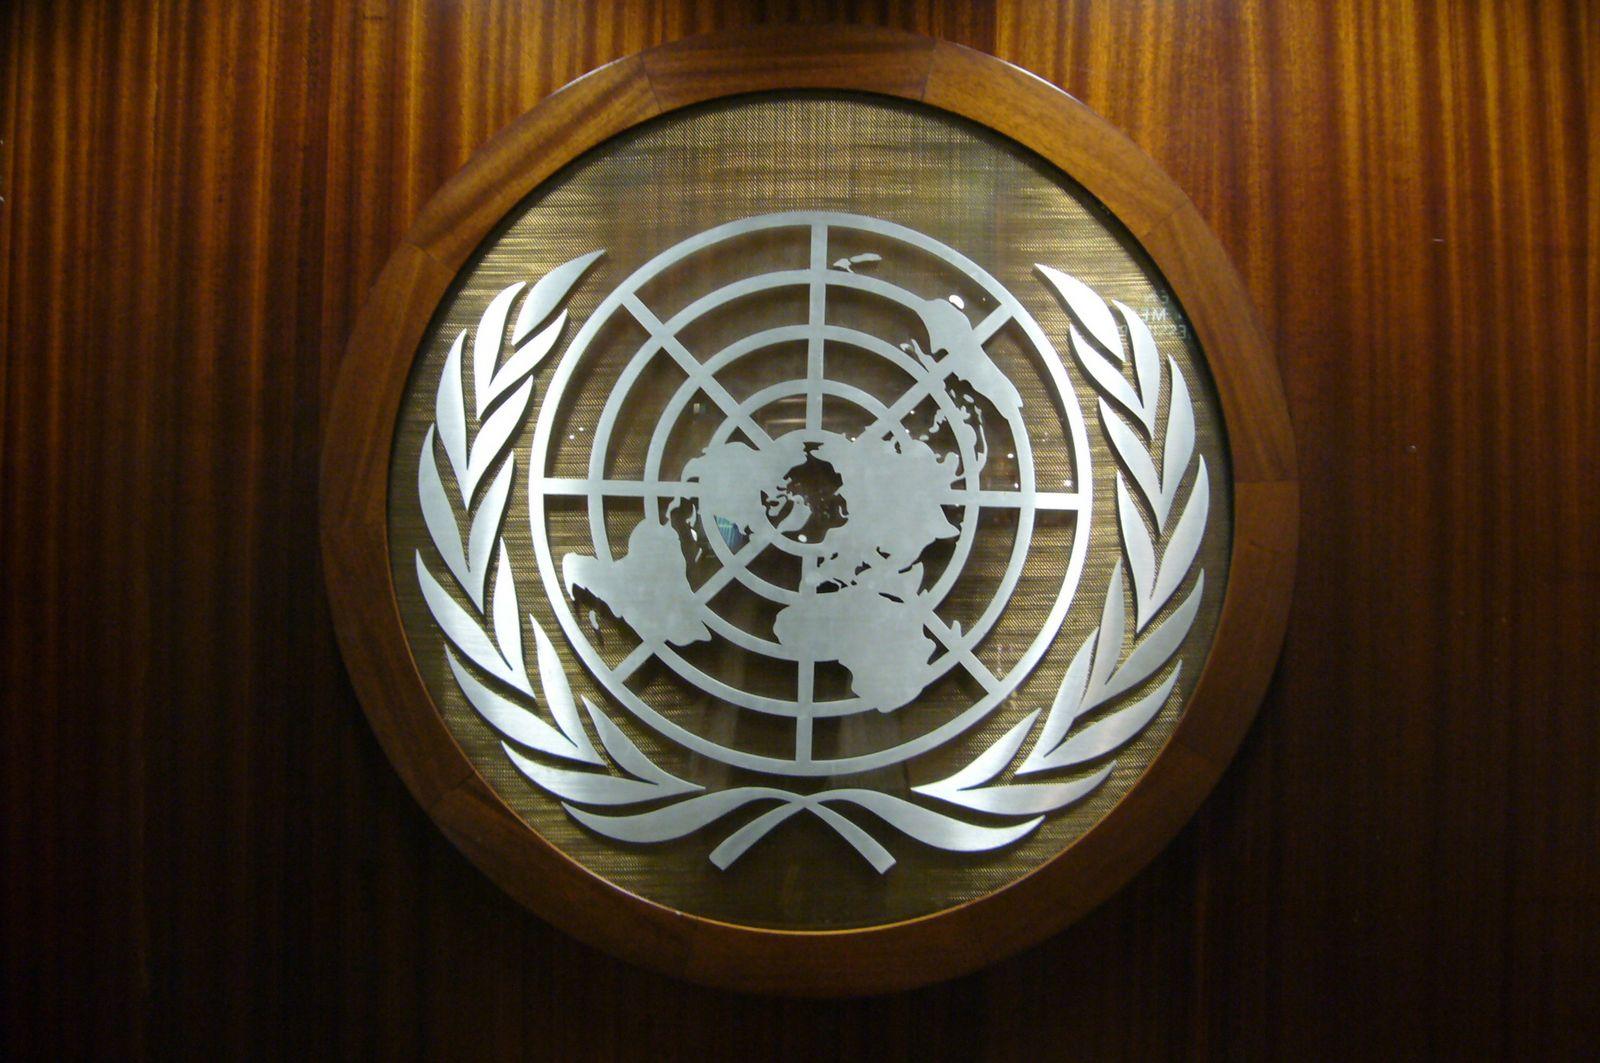 La ONU denuncia crímenes contra la humanidad en Corea del Norte y pide actuar